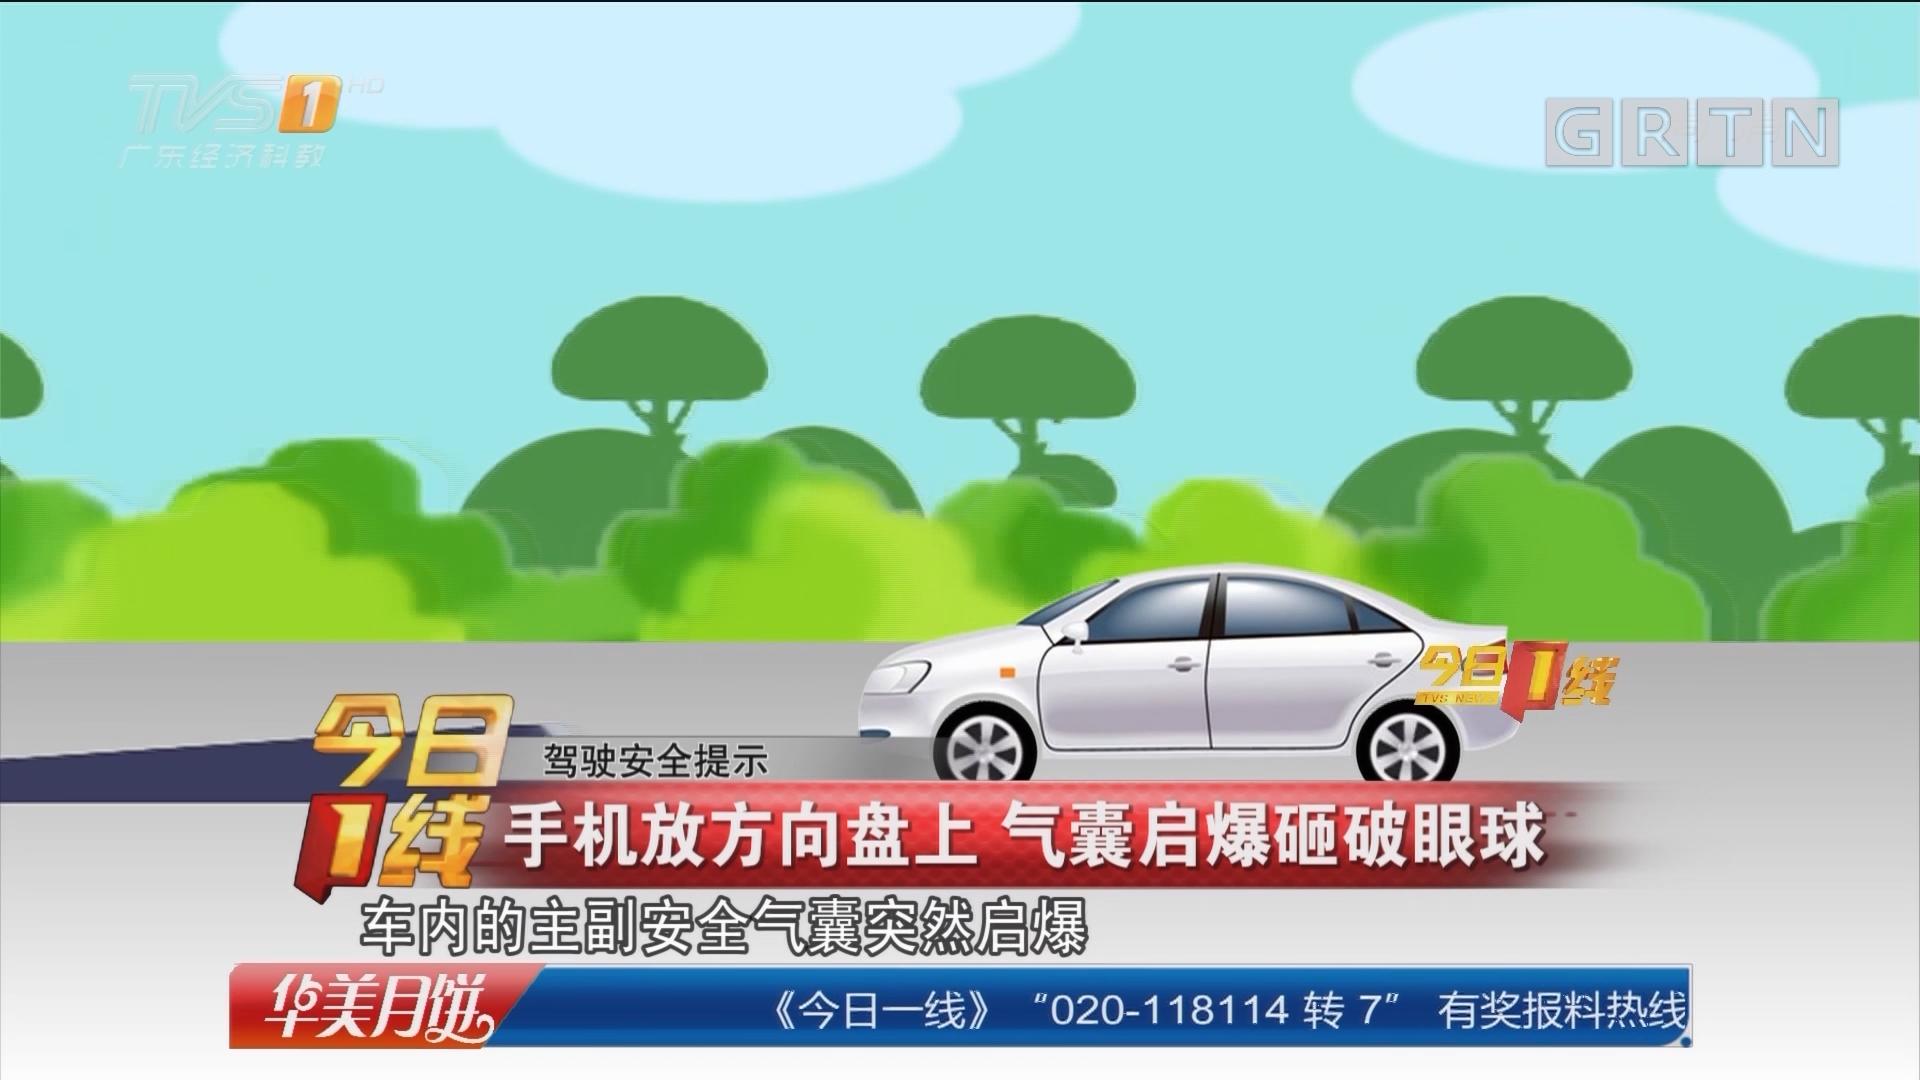 驾驶安全提示:手机放方向盘上 气囊启爆砸破眼球